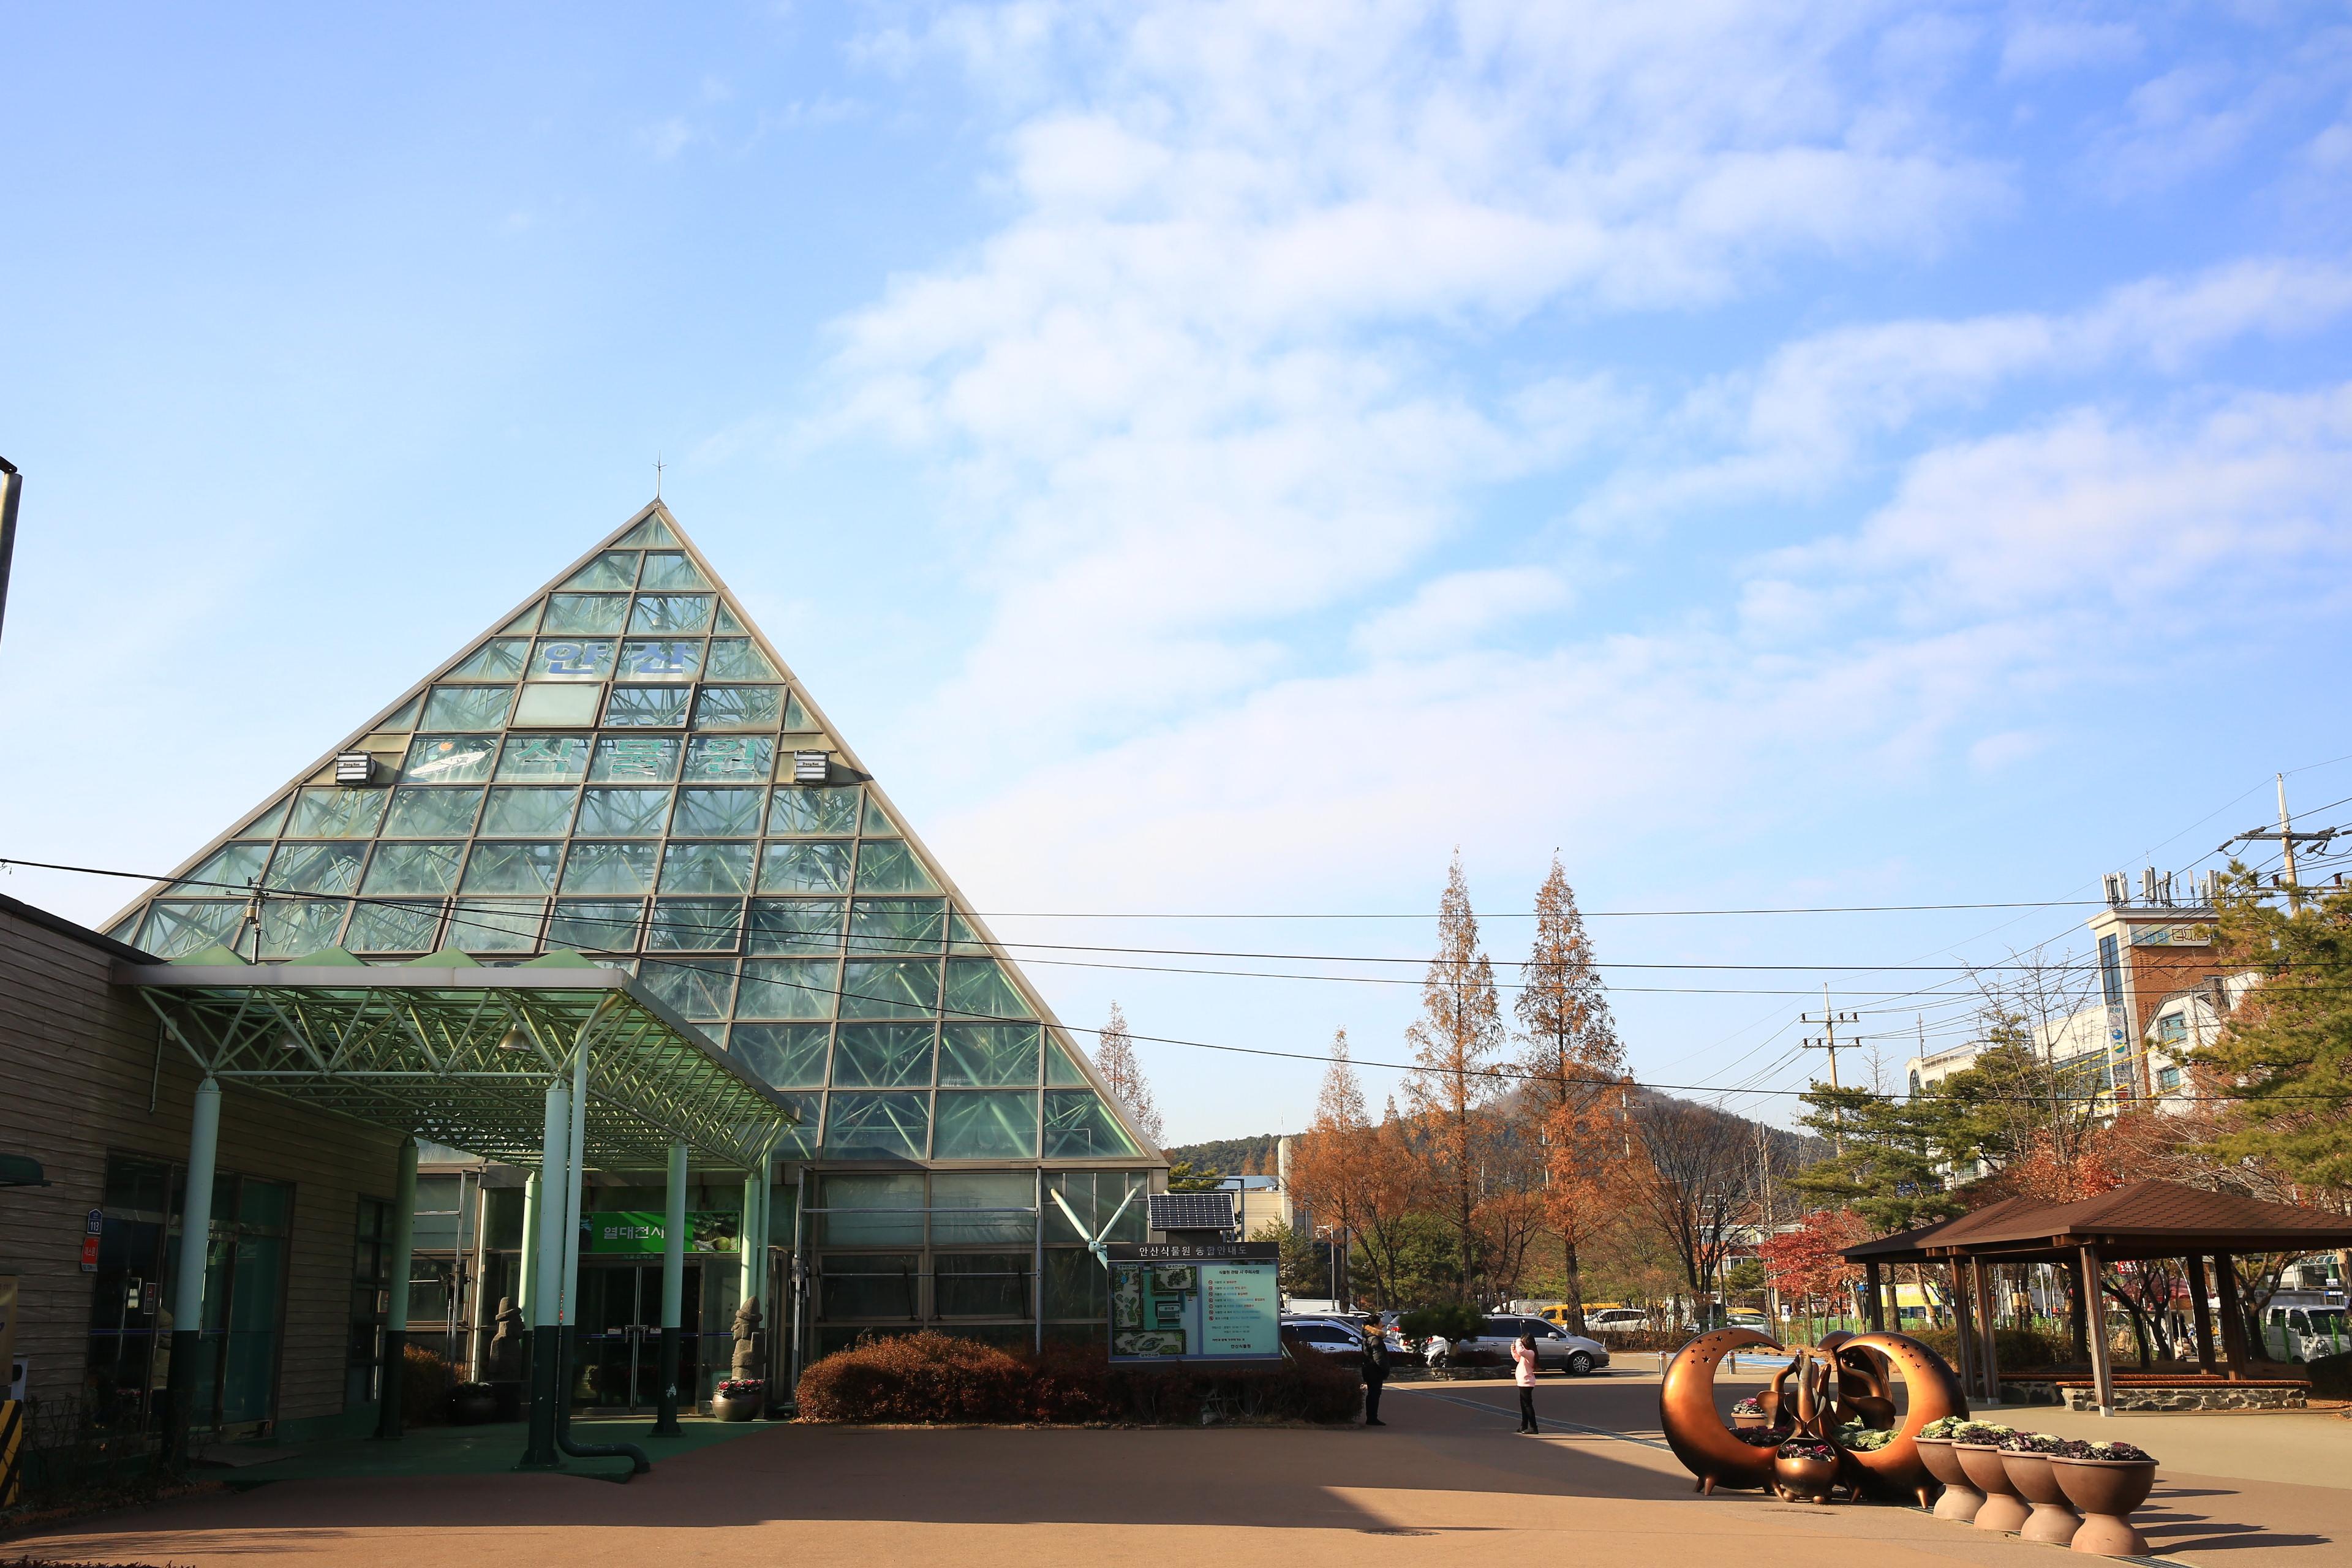 경기도 실내 가볼만한 곳 안산식물원